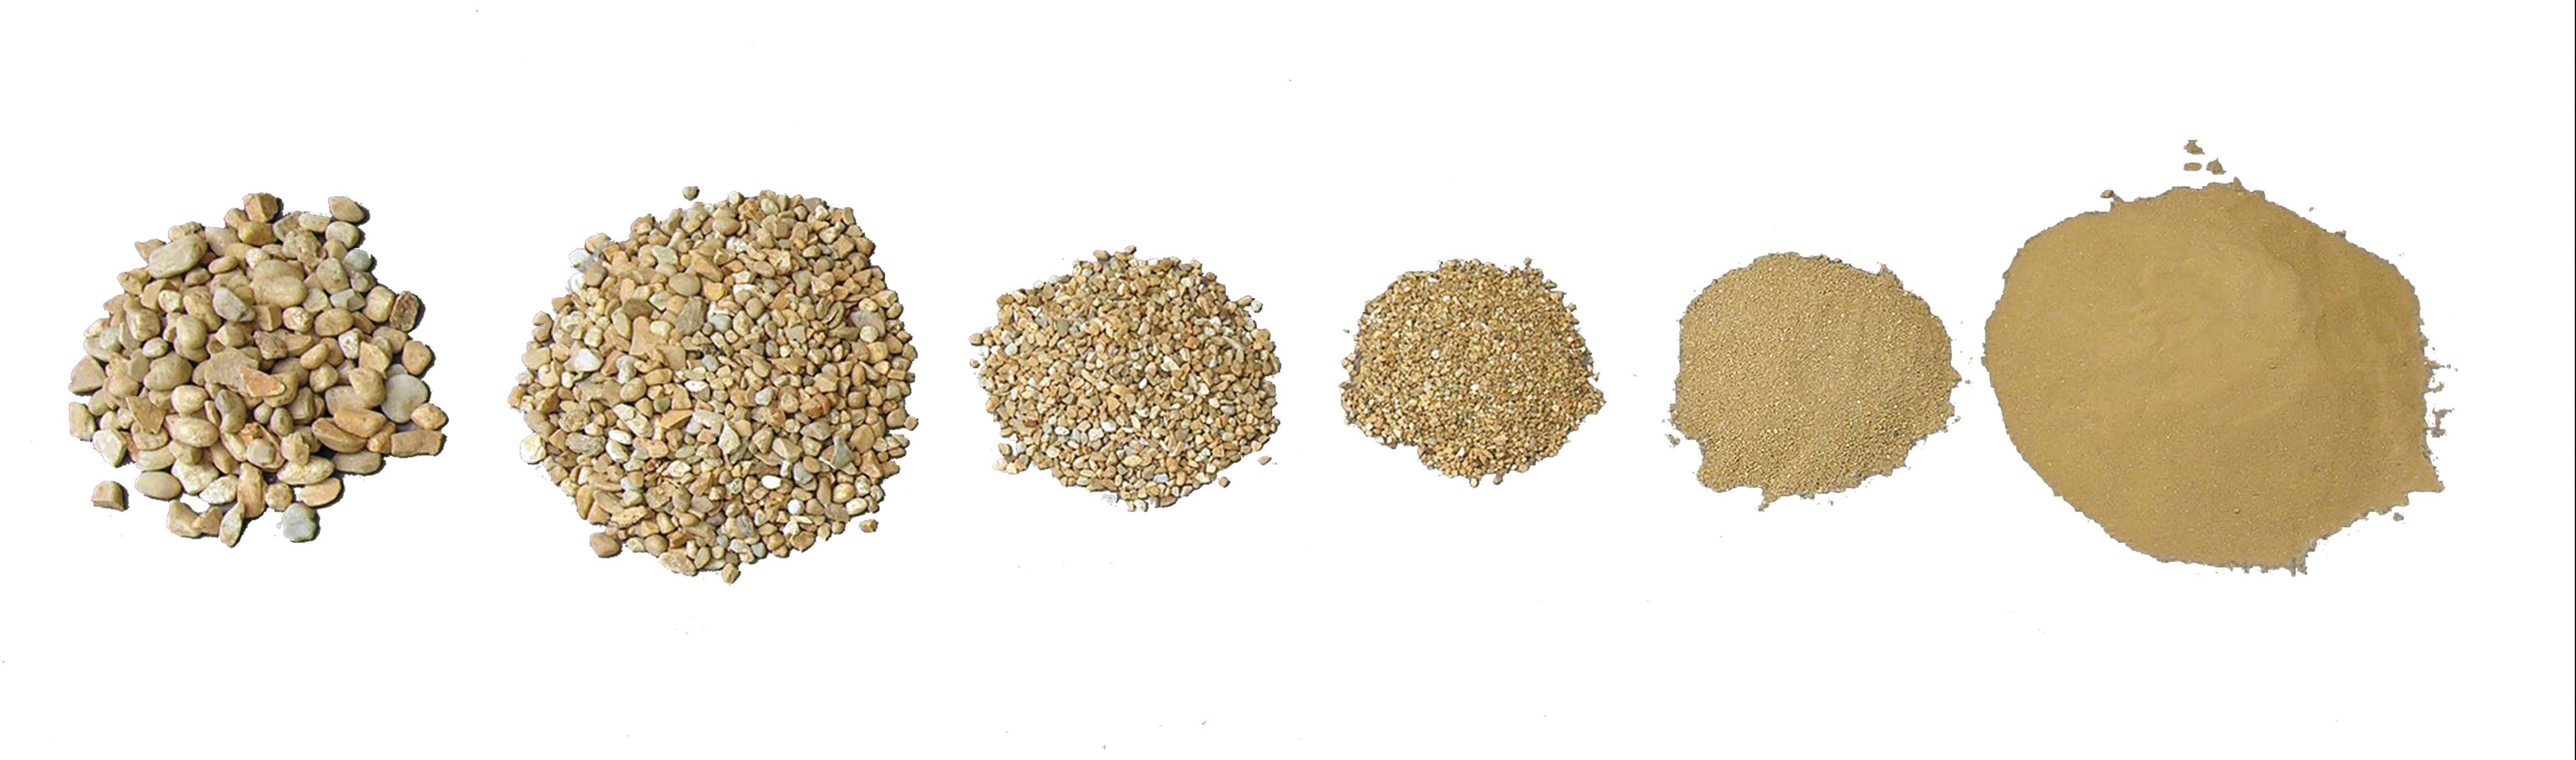 Granulométrie d'une terre à pisé montrant la proportion et la taille des différents grains qui la composent (© CRAterre-Arnaud Misse).